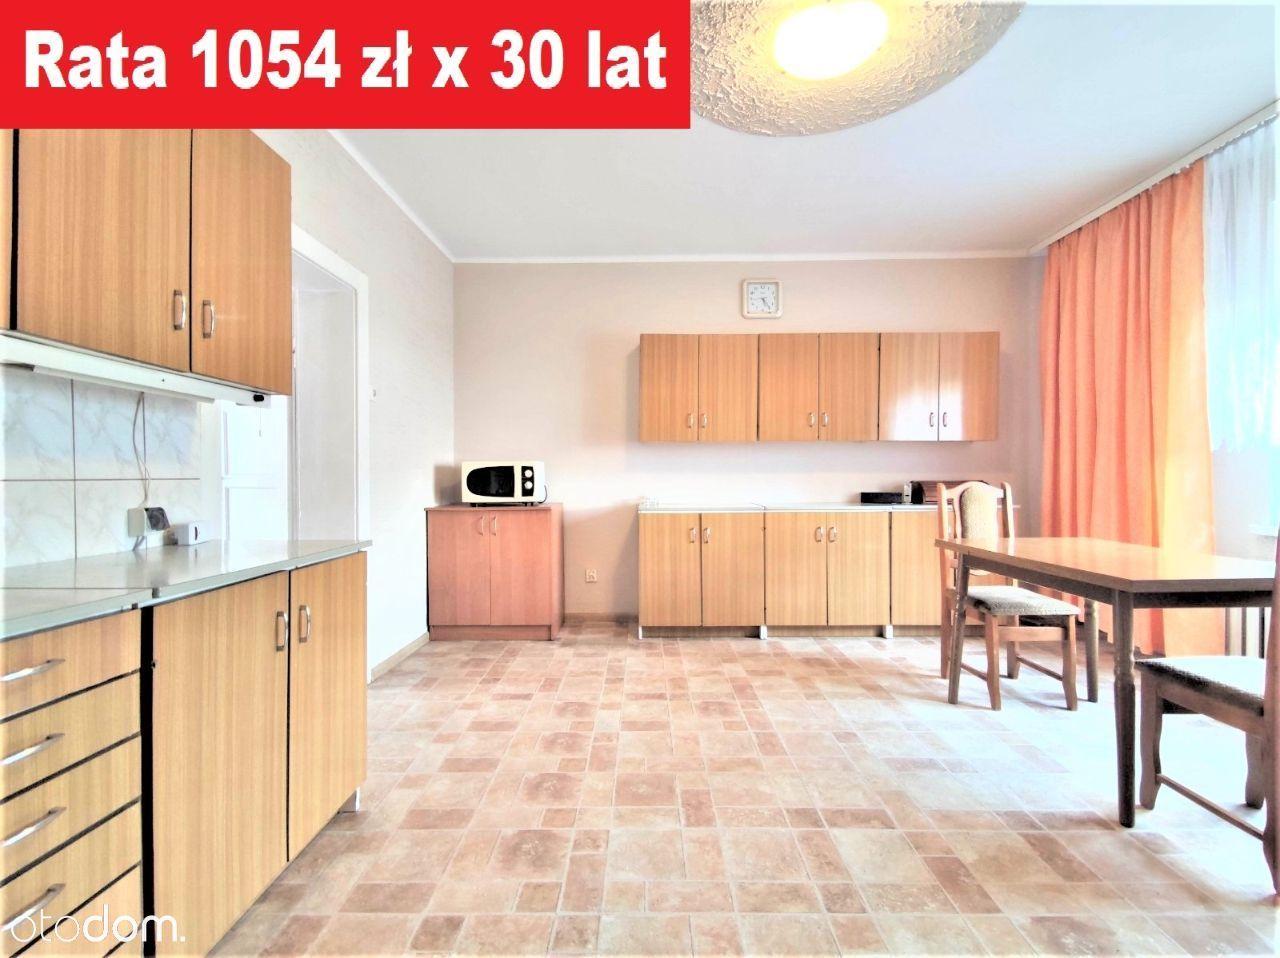 Mieszkanie 69m, 2 pokoje, PARTER, garaż, piwnica